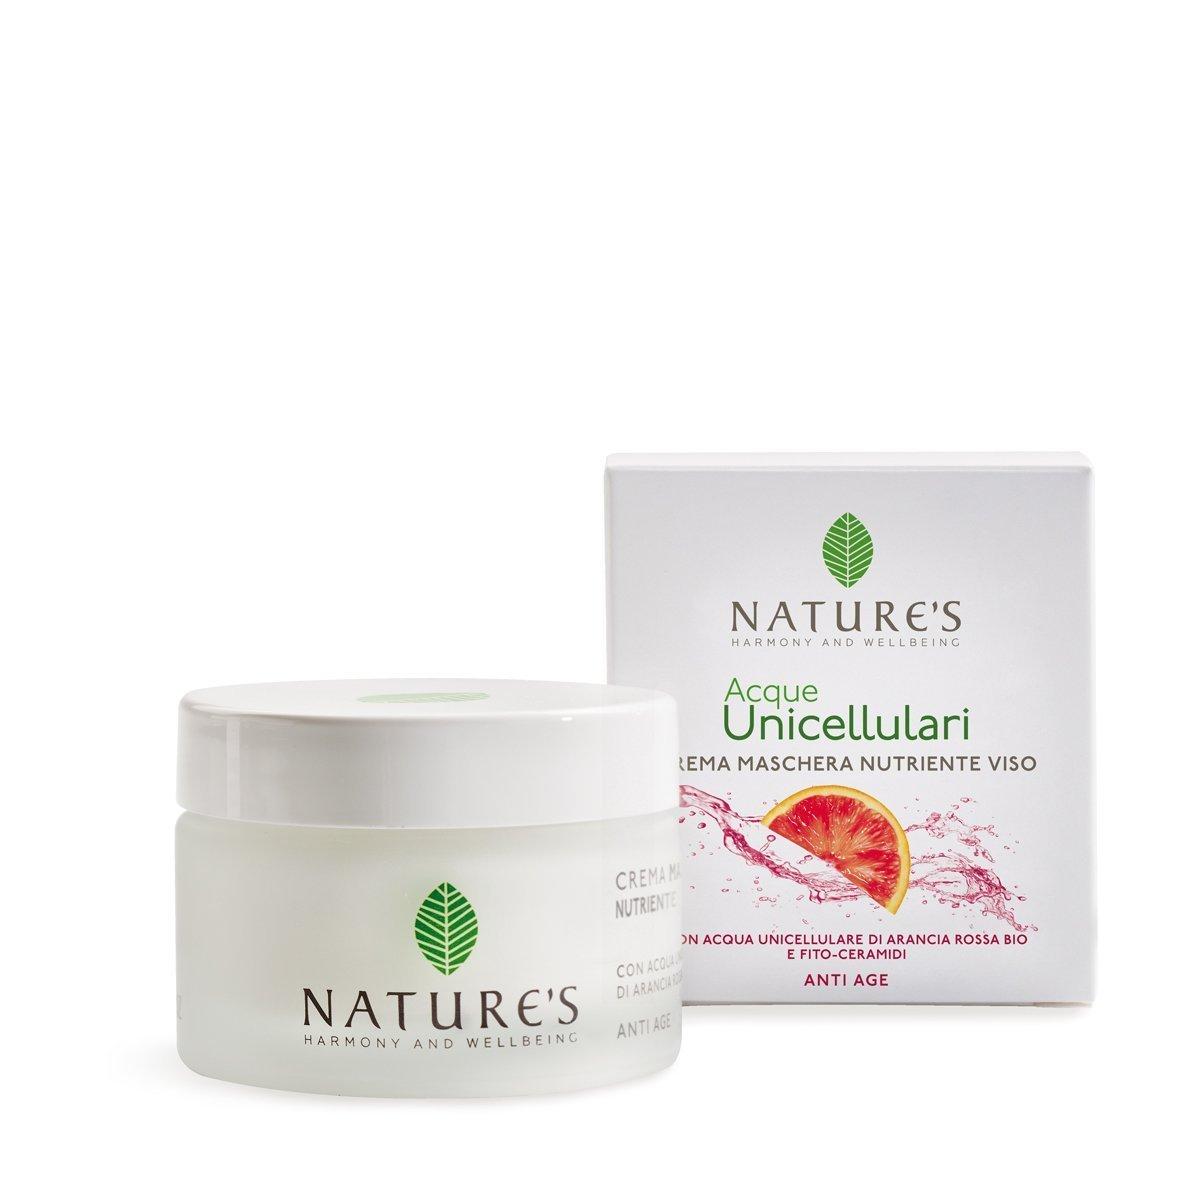 Crema Maschera Nutriente Viso Acque Unicellulari 50 ml